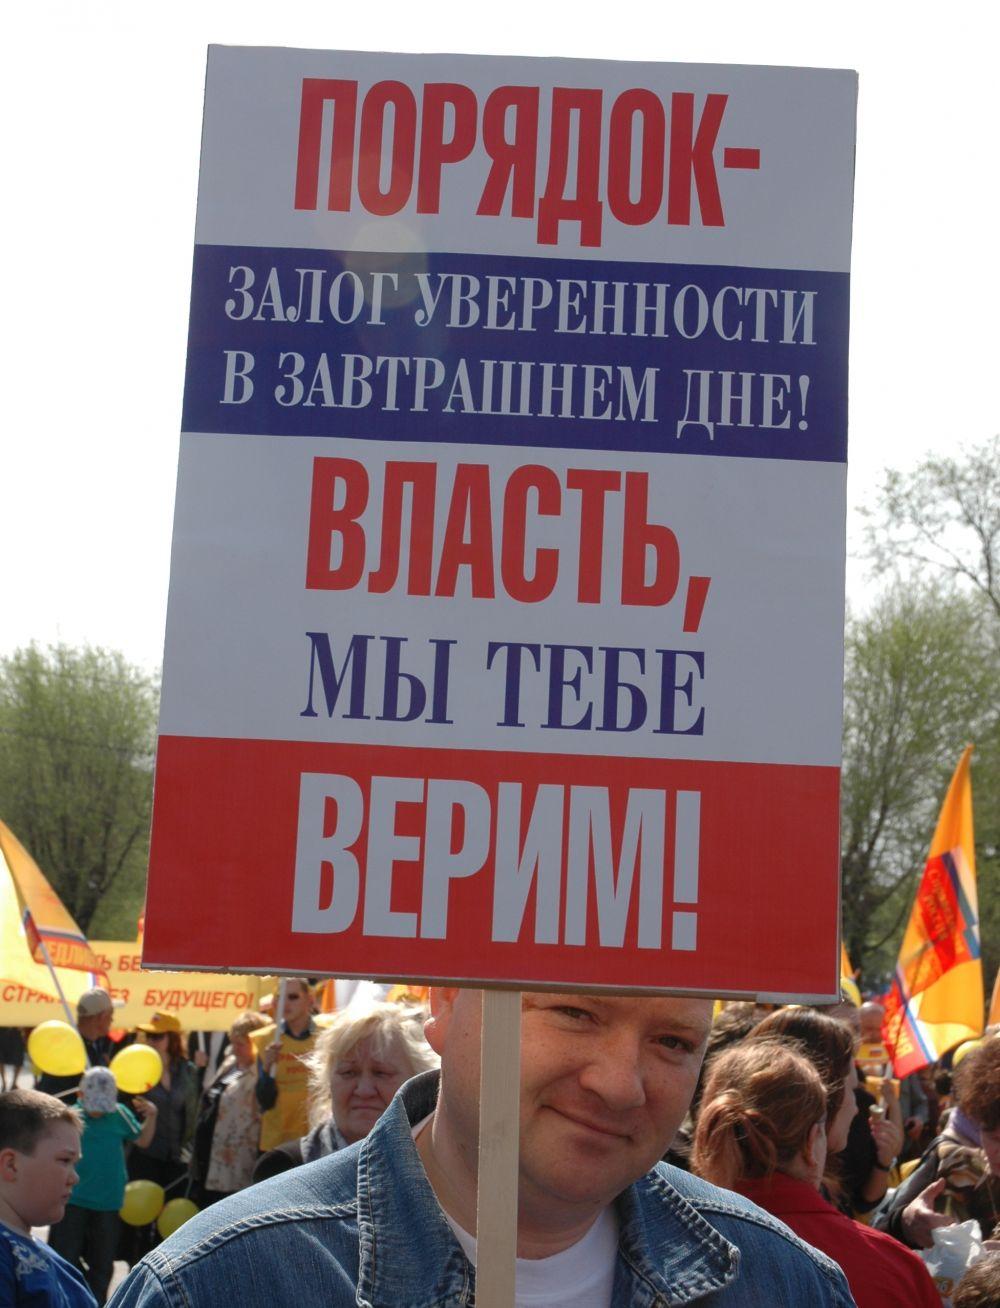 Когда-то в Волгограде еще были оптимисты. Фото сделано в 2009 году.